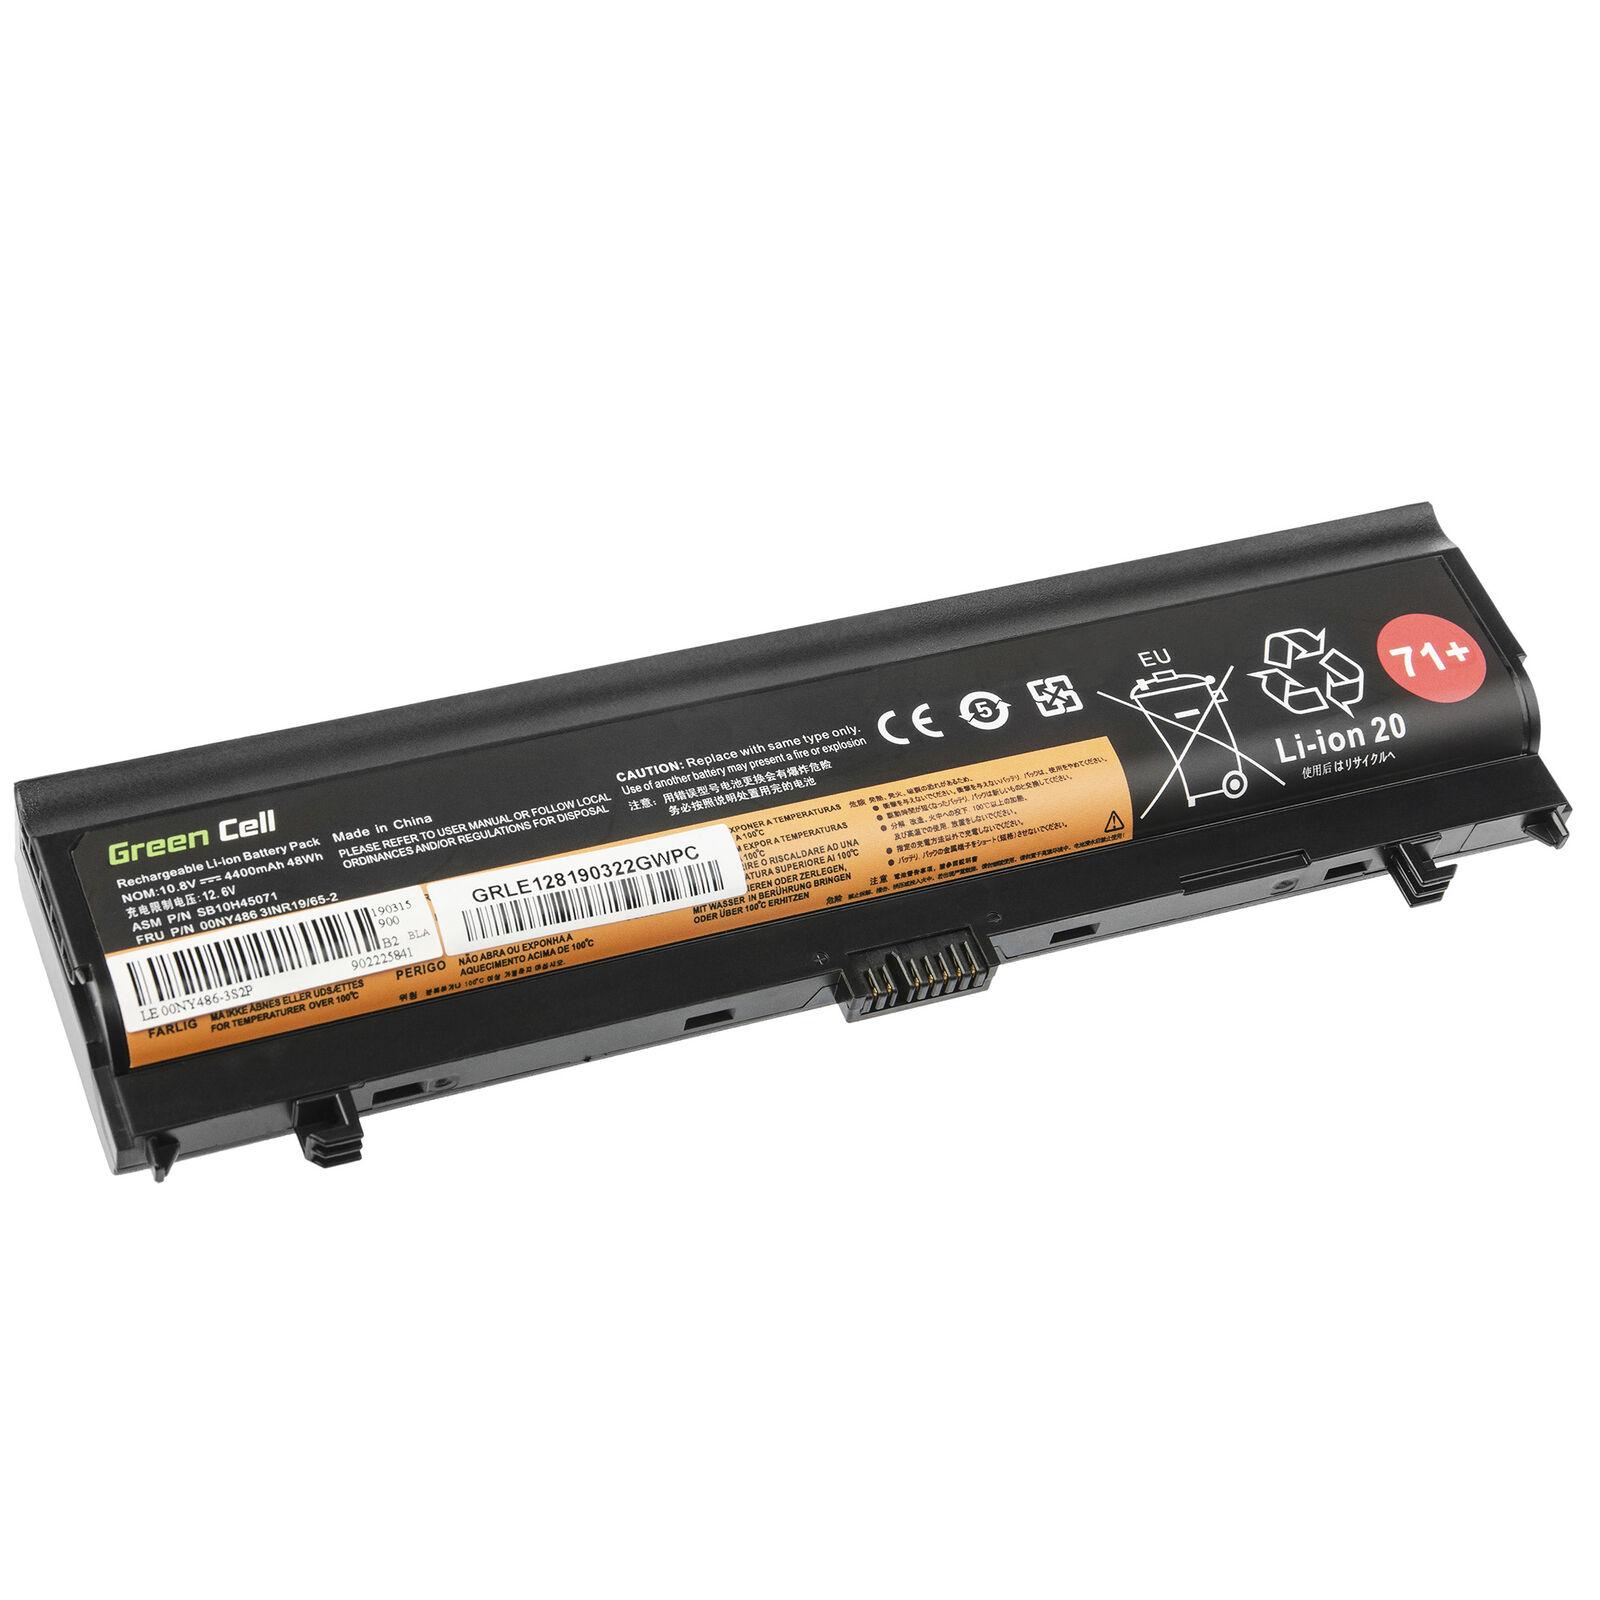 Akku für Lenovo ThinkPad L560 20F1 20F2 (Ersatz)